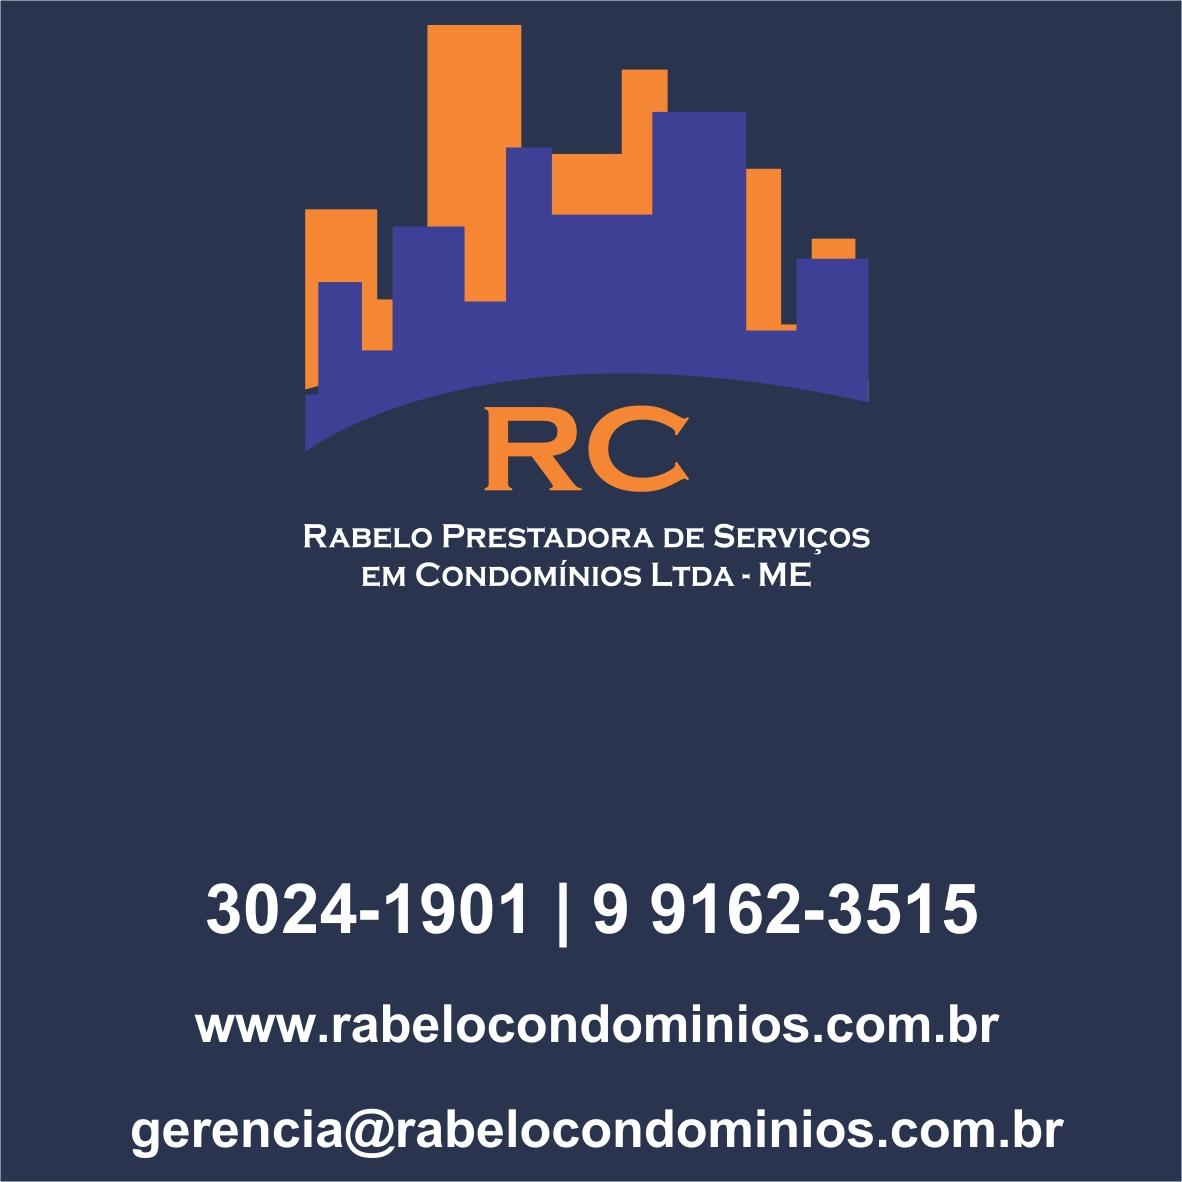 rc prestadora